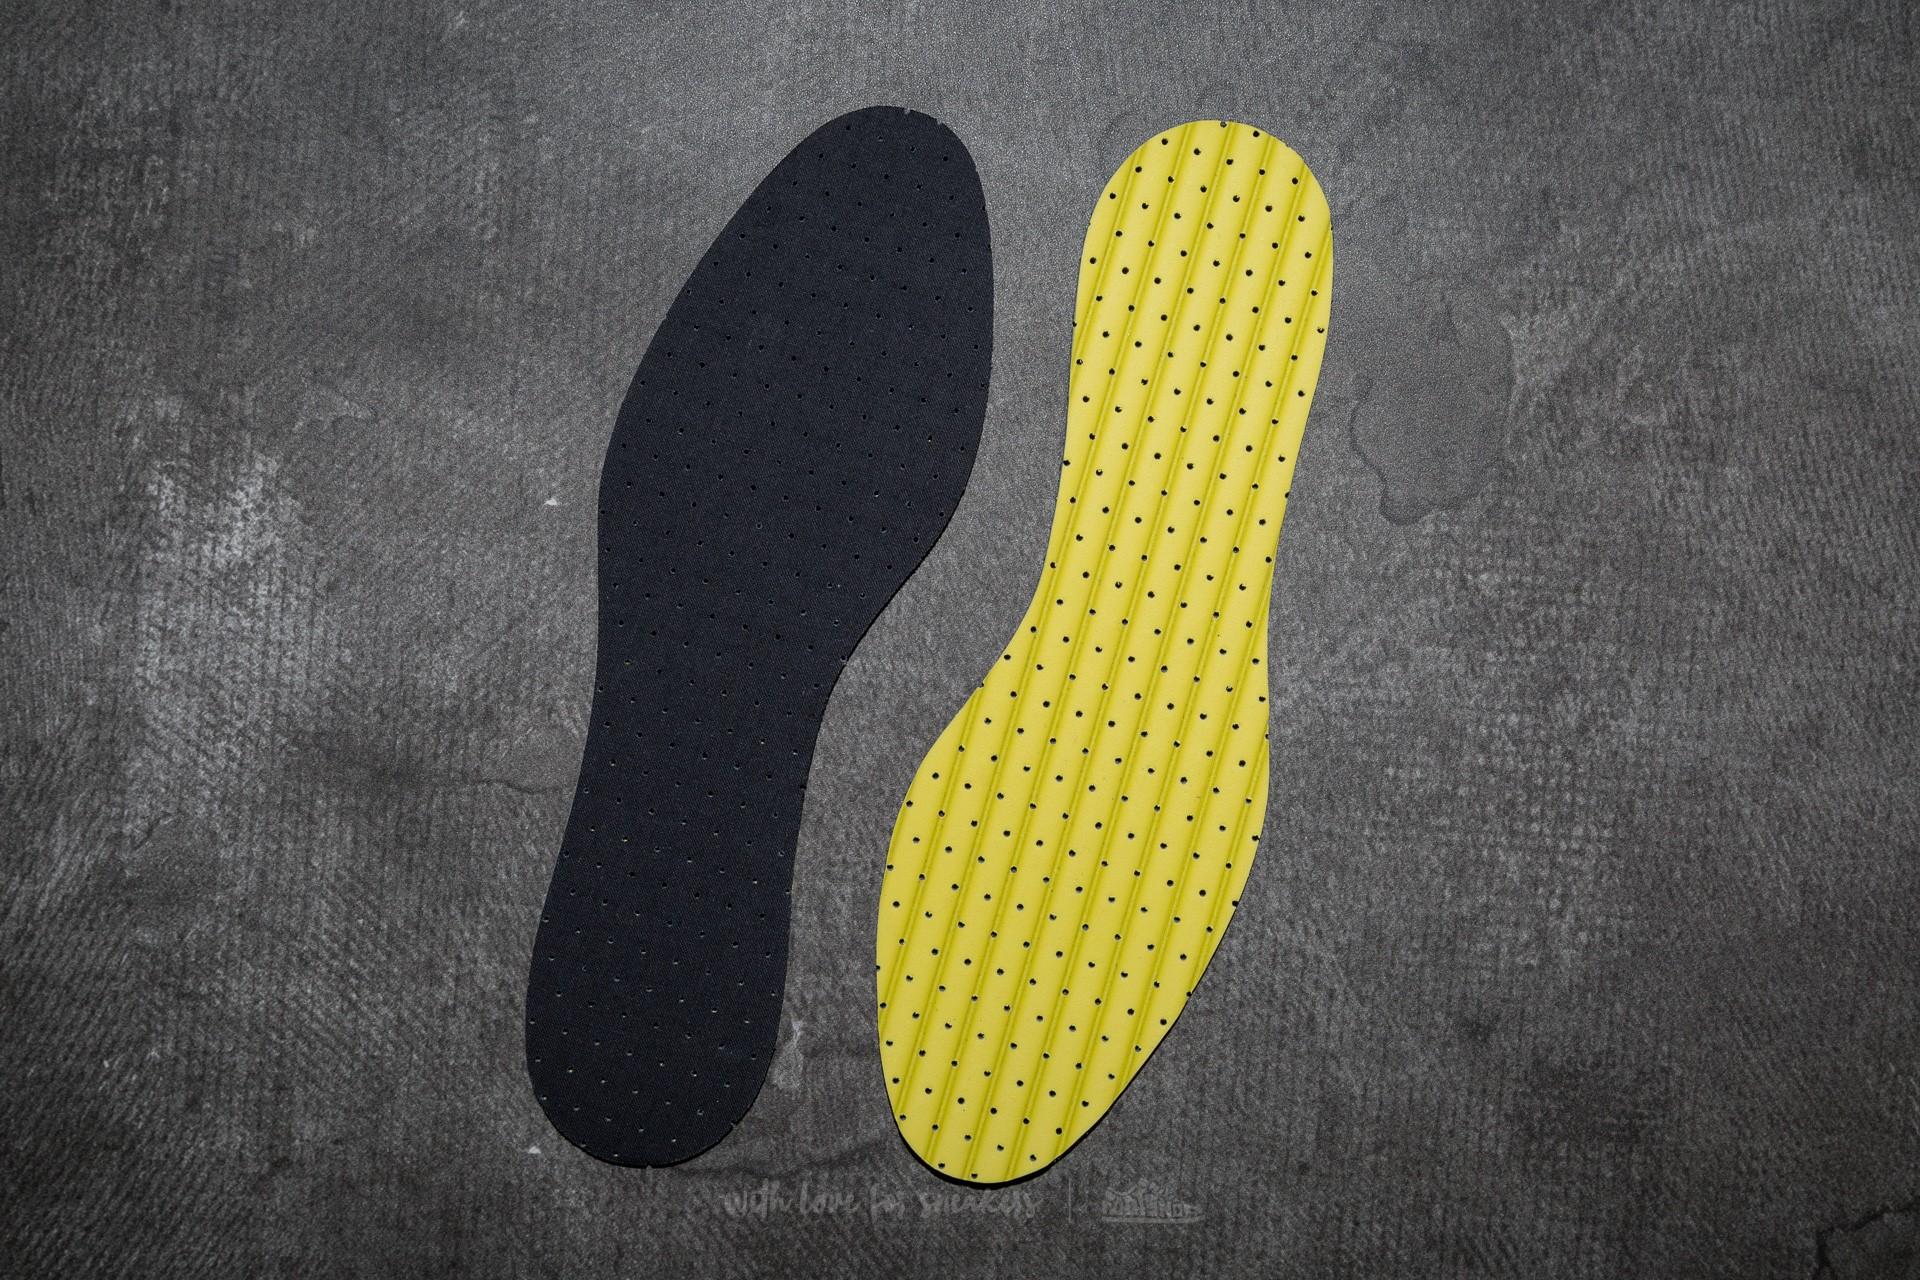 Pedag 104 SOFT za skvělou cenu 49 Kč koupíte na Footshop.cz